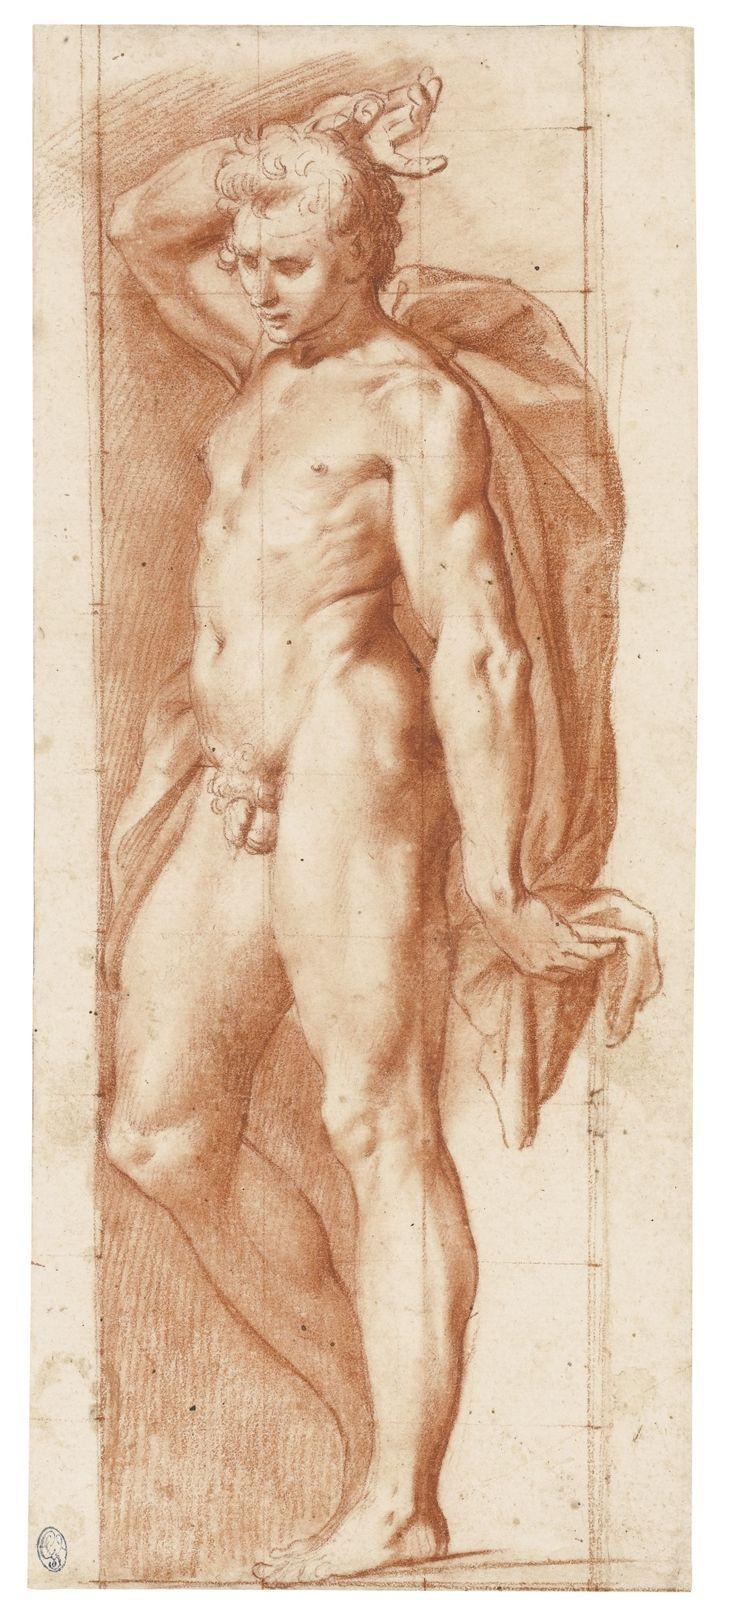 Tiepolo. | Estudios académicos y anatomía artística. | Pinterest ...